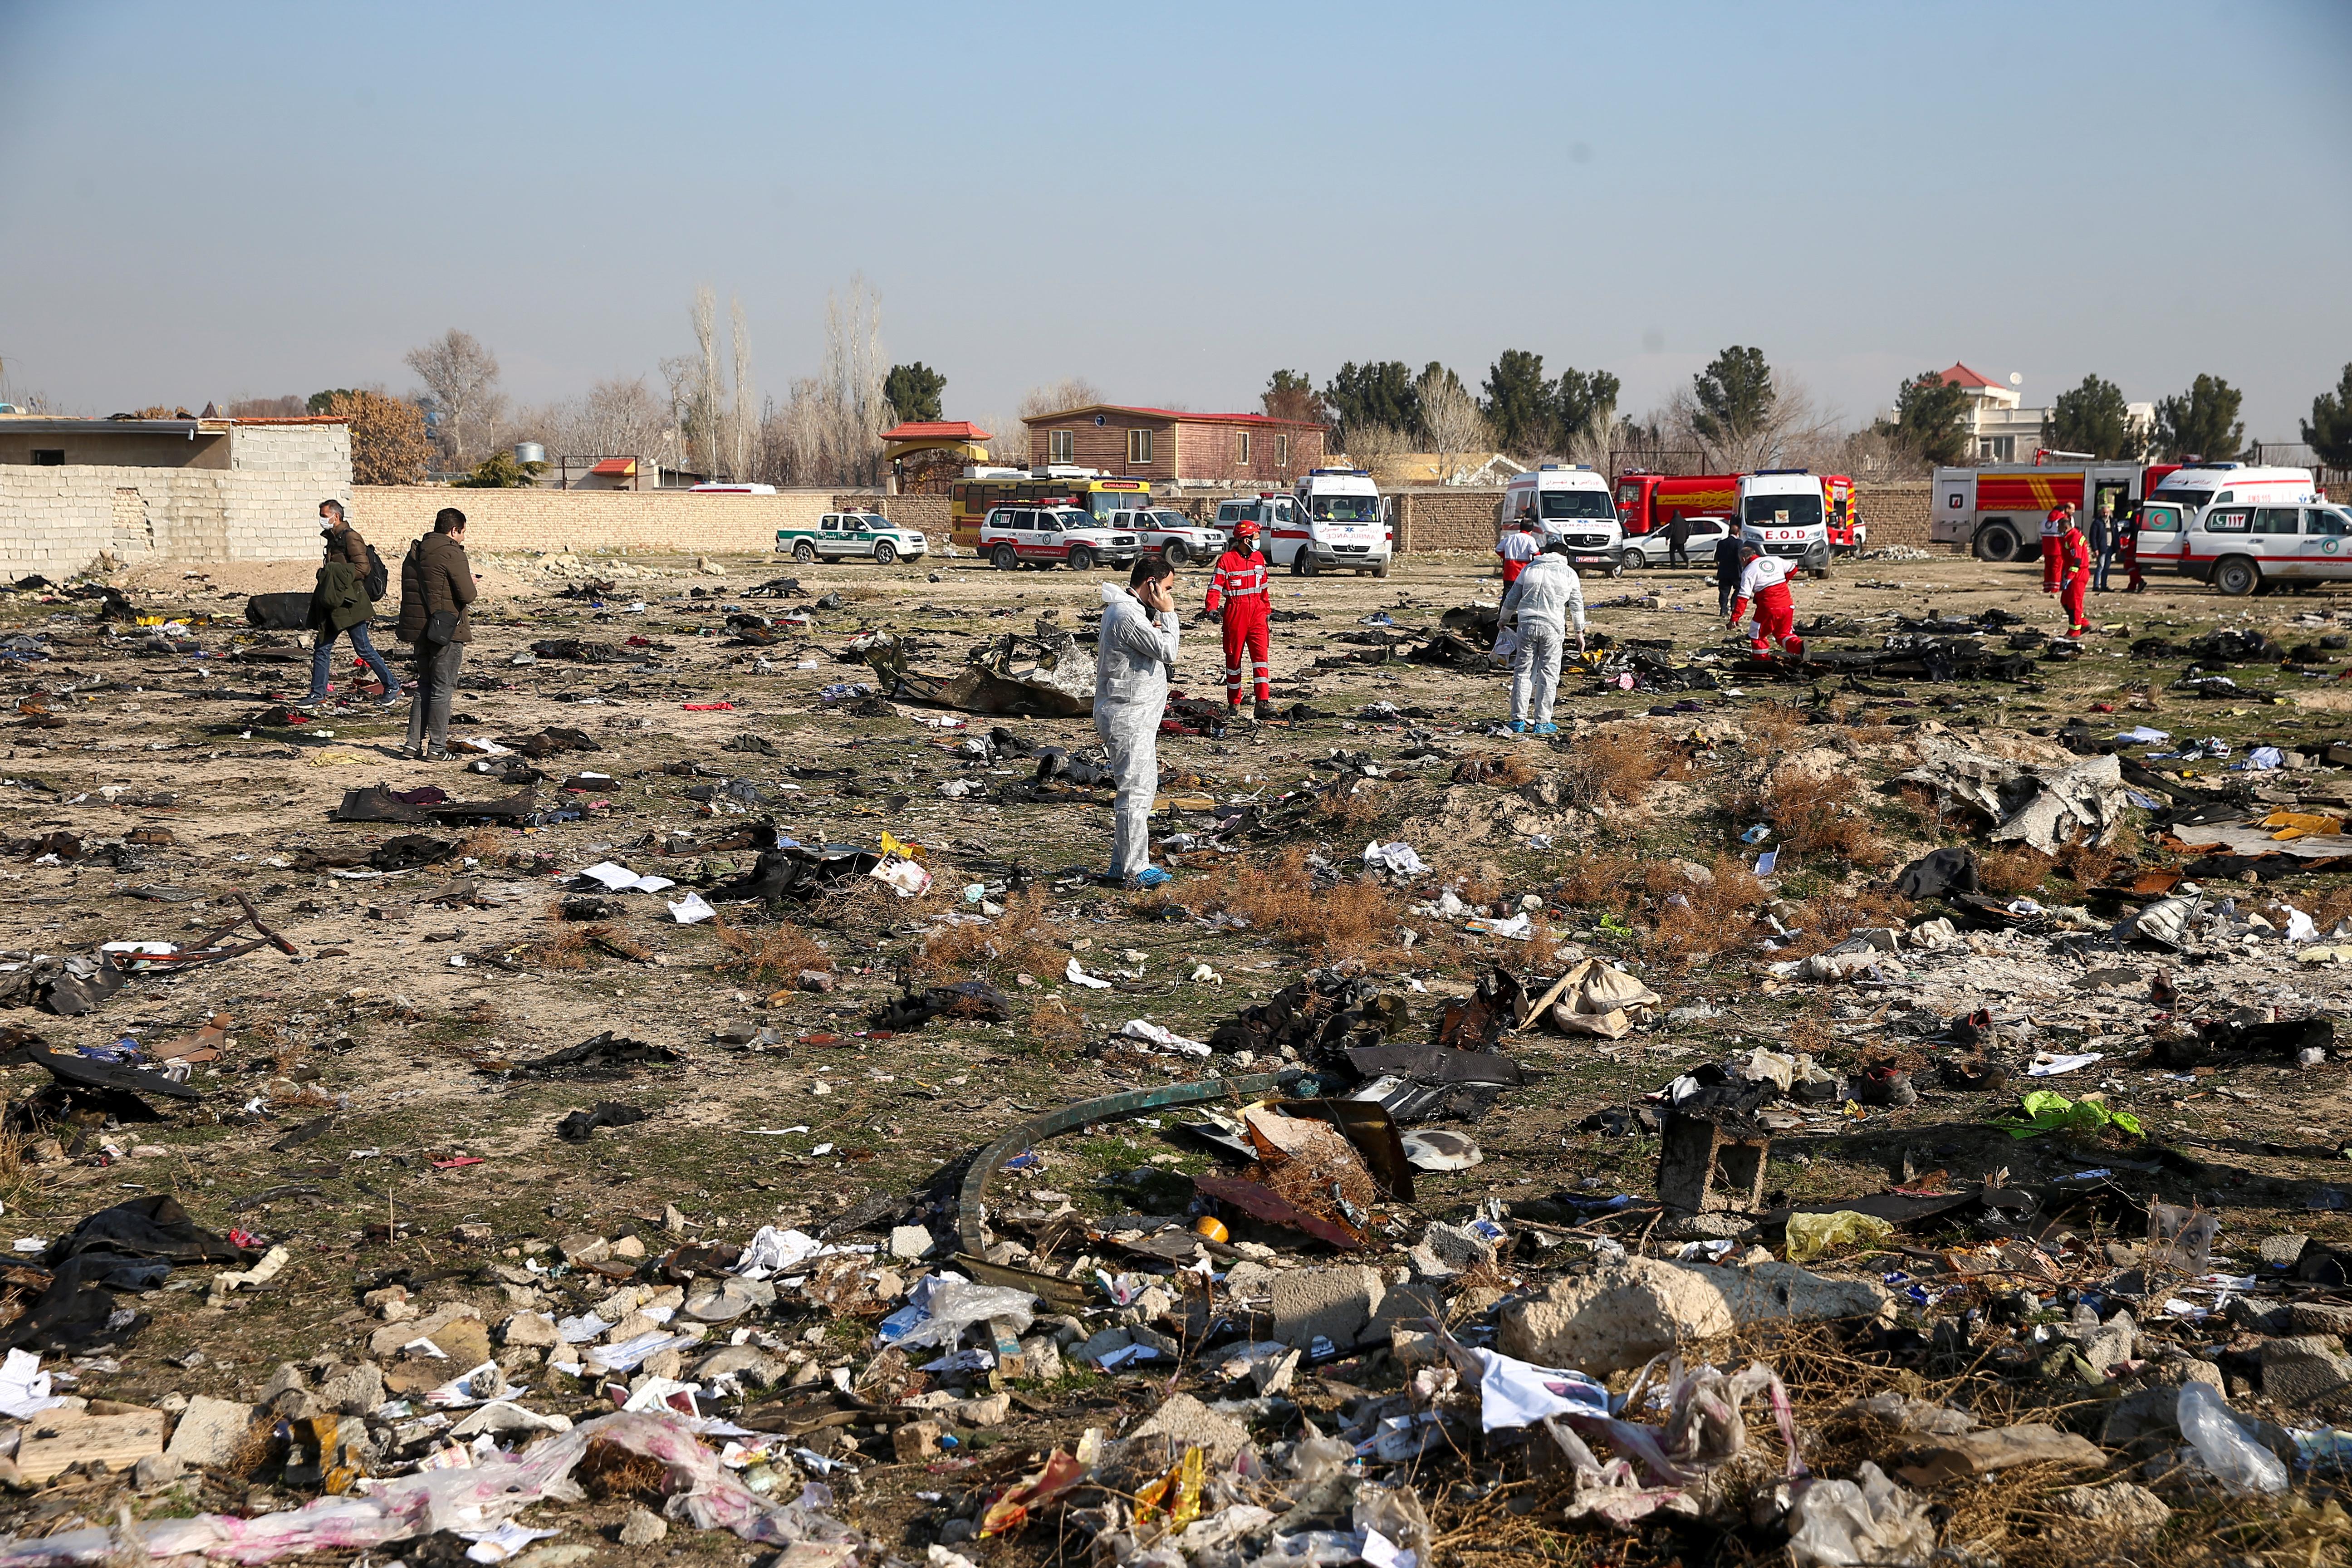 Ninguno de los 176 pasajeros y miembros de la tripulación sobrevivió, según fuentes oficiales iraníes (REUTERS)